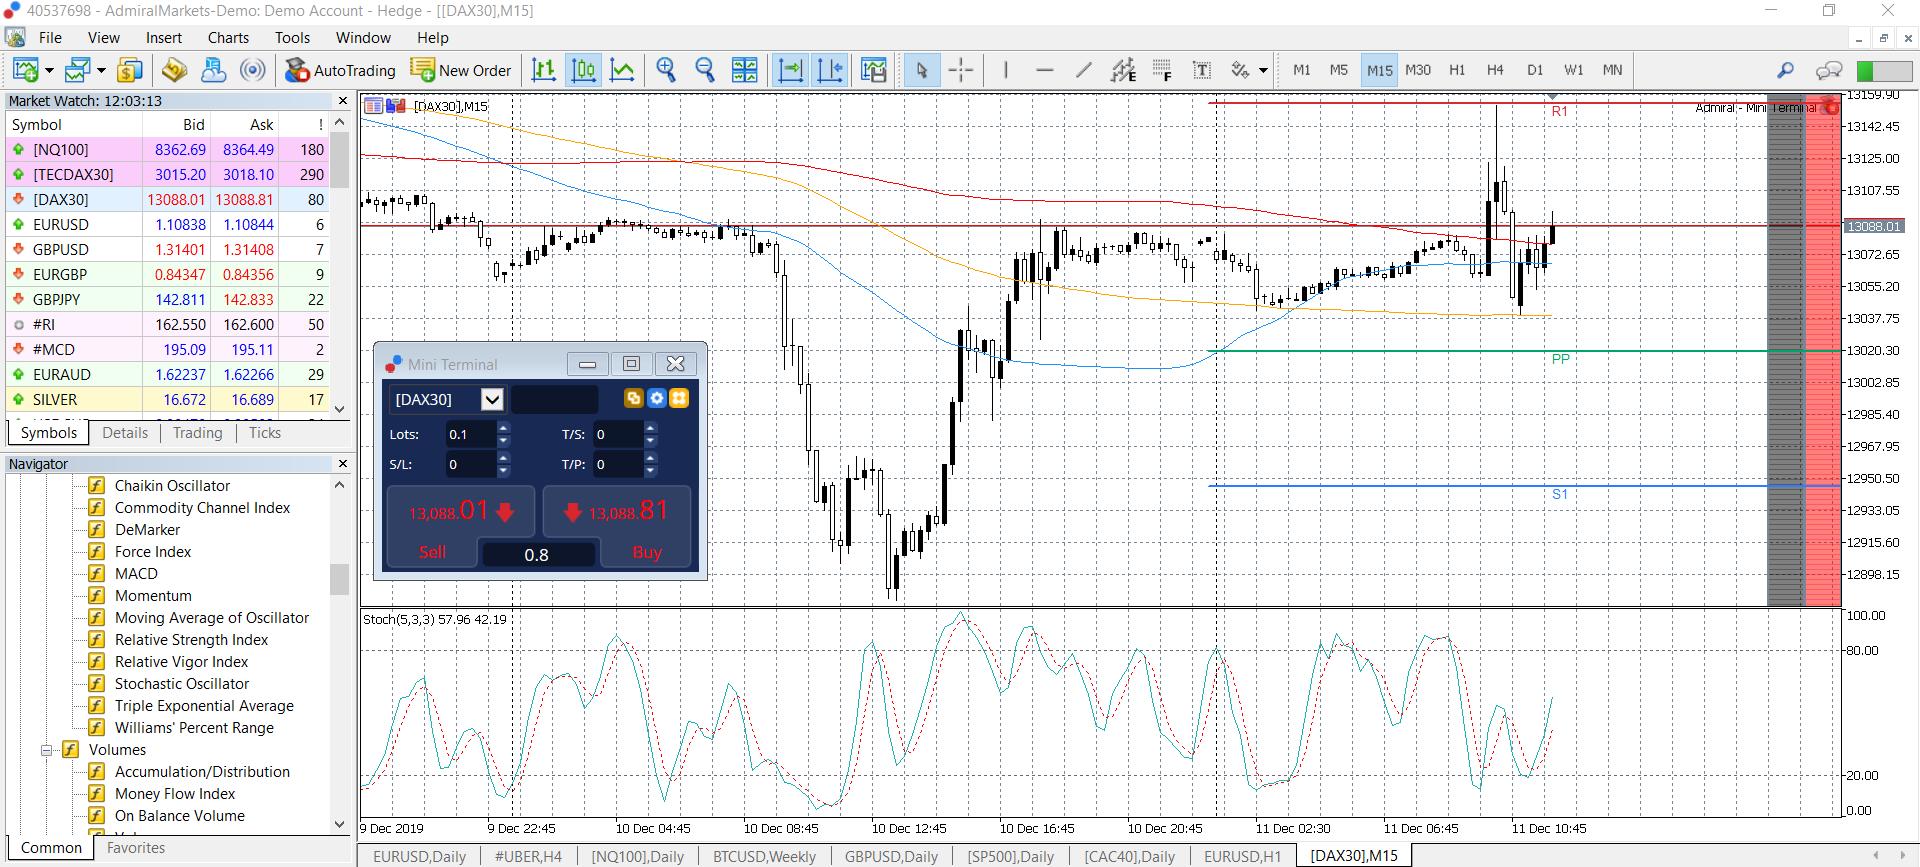 Akcijų ir Forex prekybos sesijų valandos